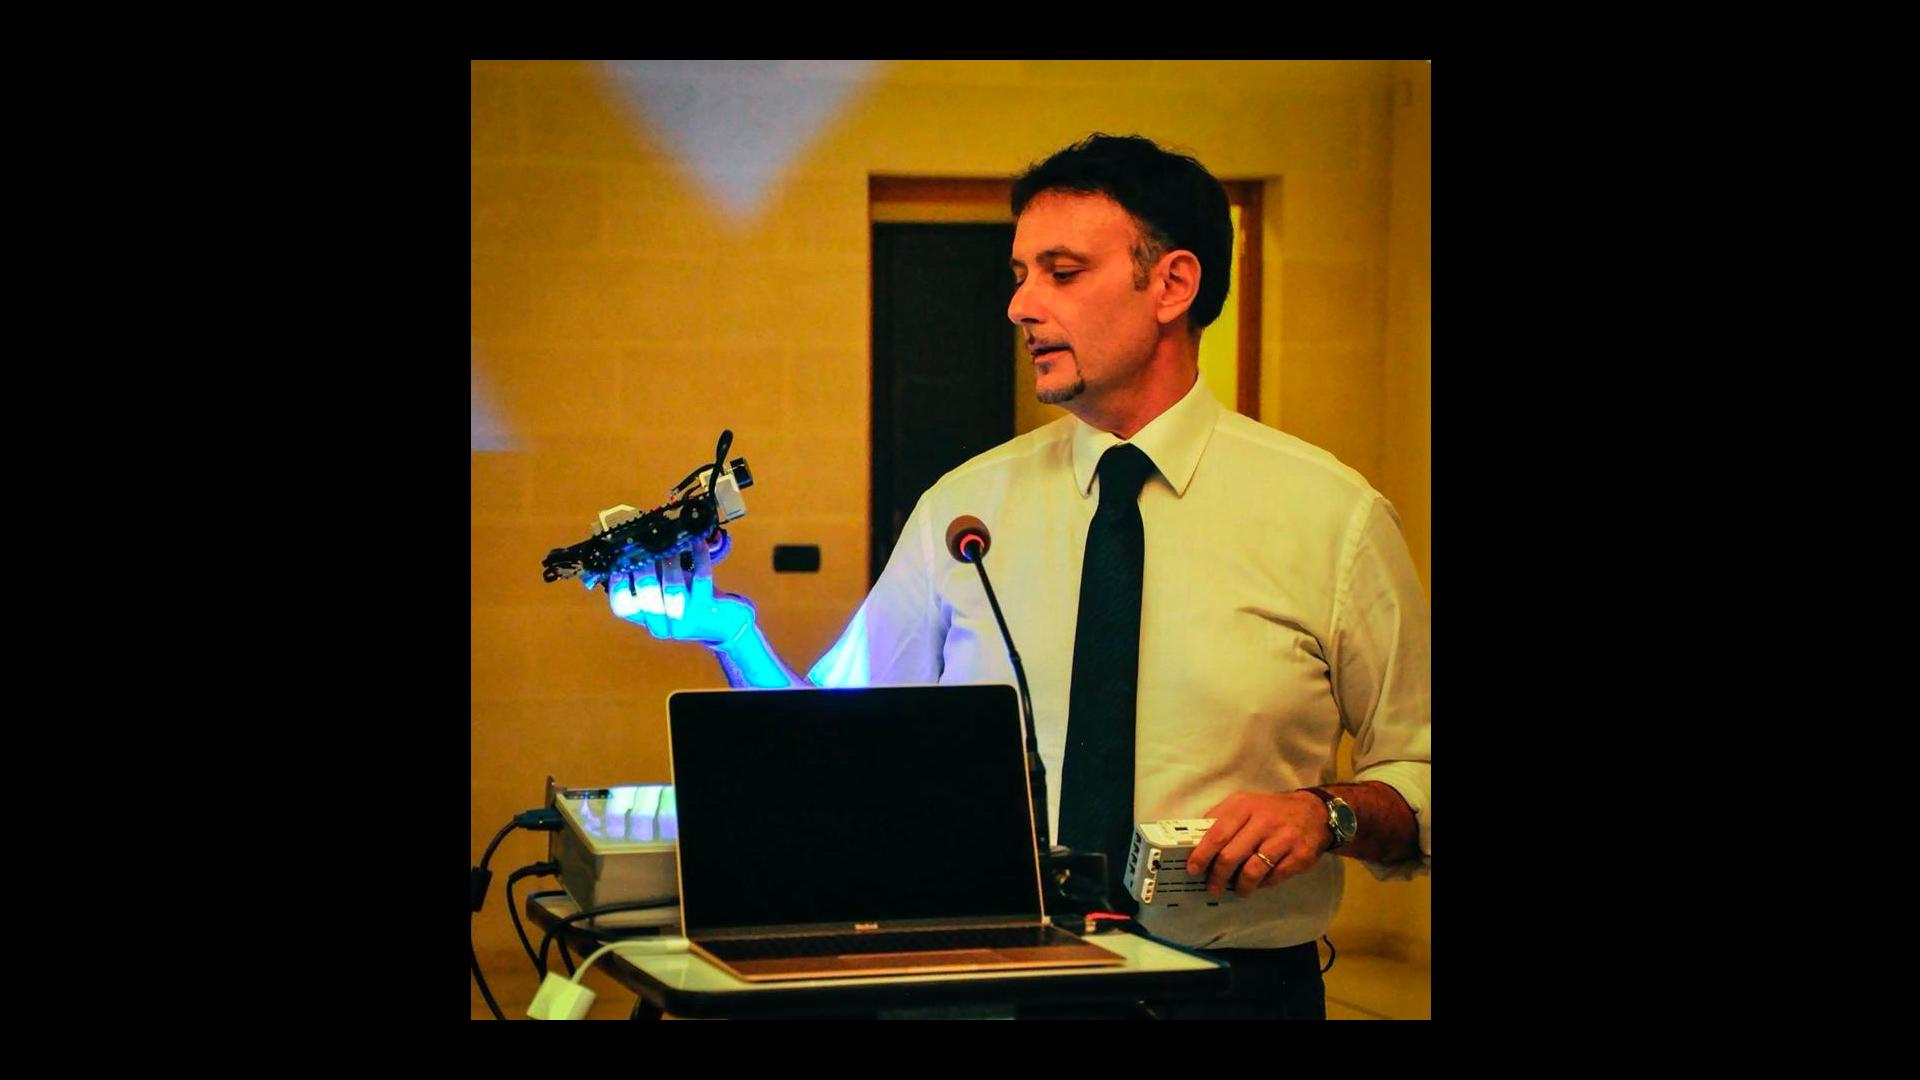 Domenico Aprile - Peer learning, videogame e risorse educative aperte: i progetti della DaD